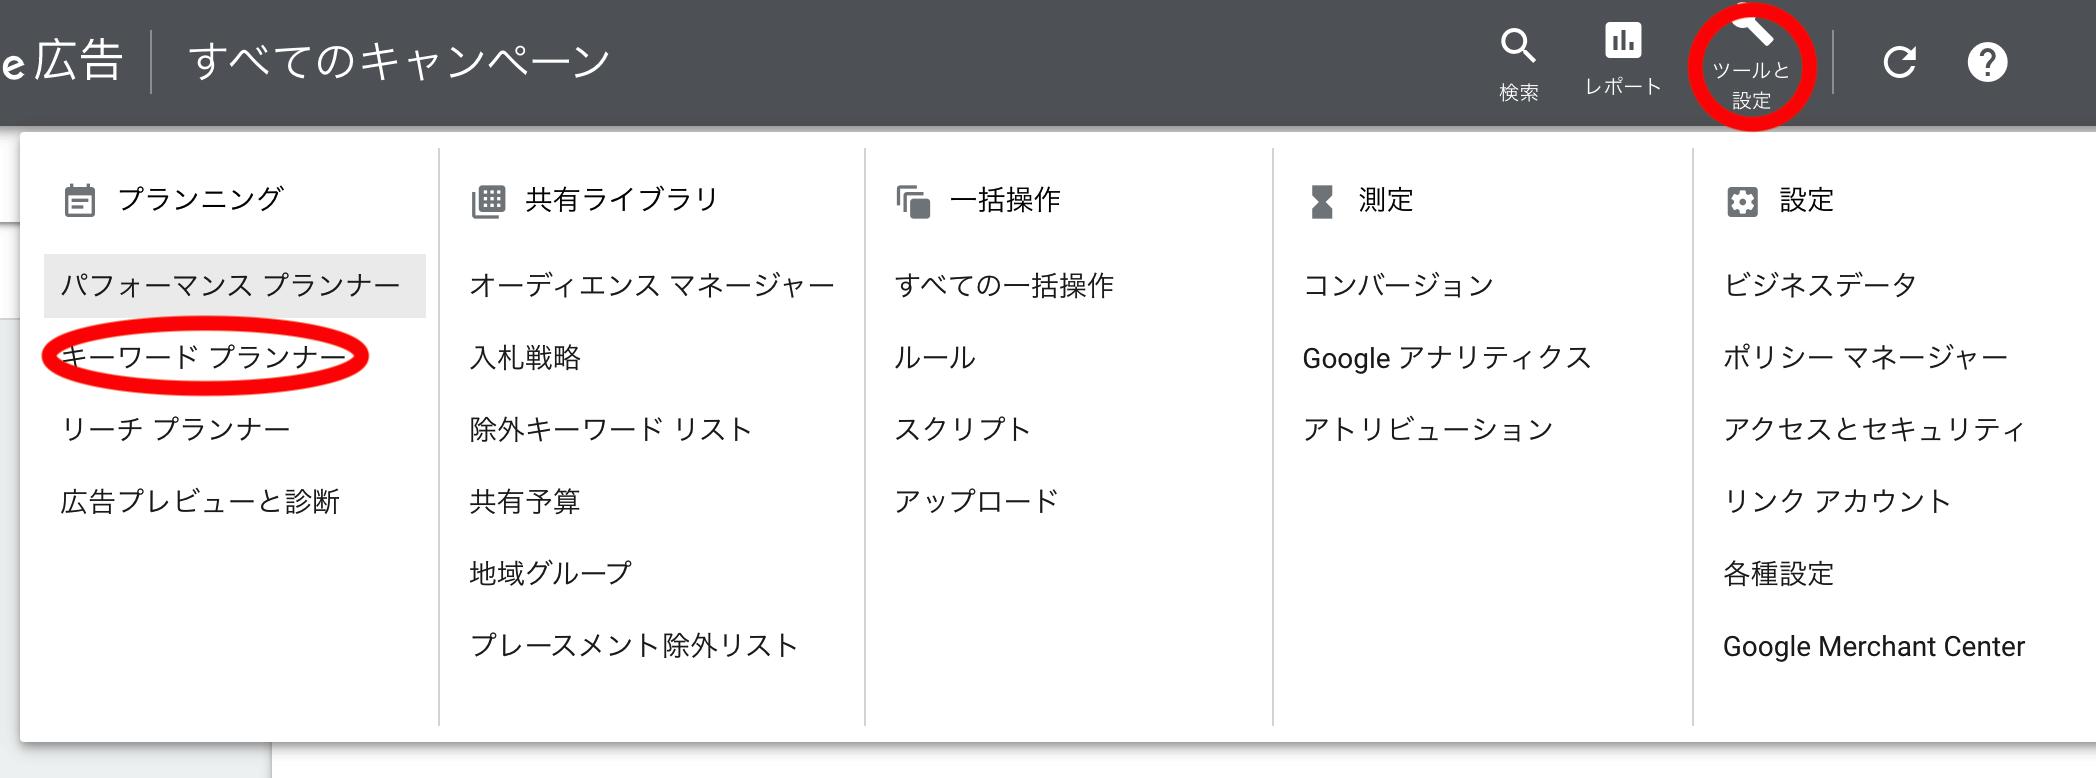 キーワードプランナーのツールと設定画面